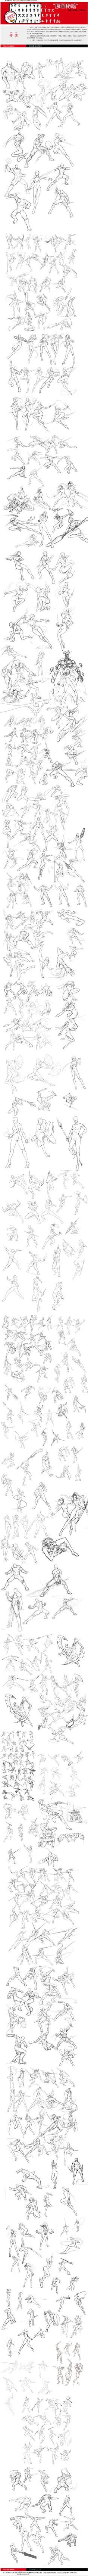 【教程】各种霸气的人体动手绘图